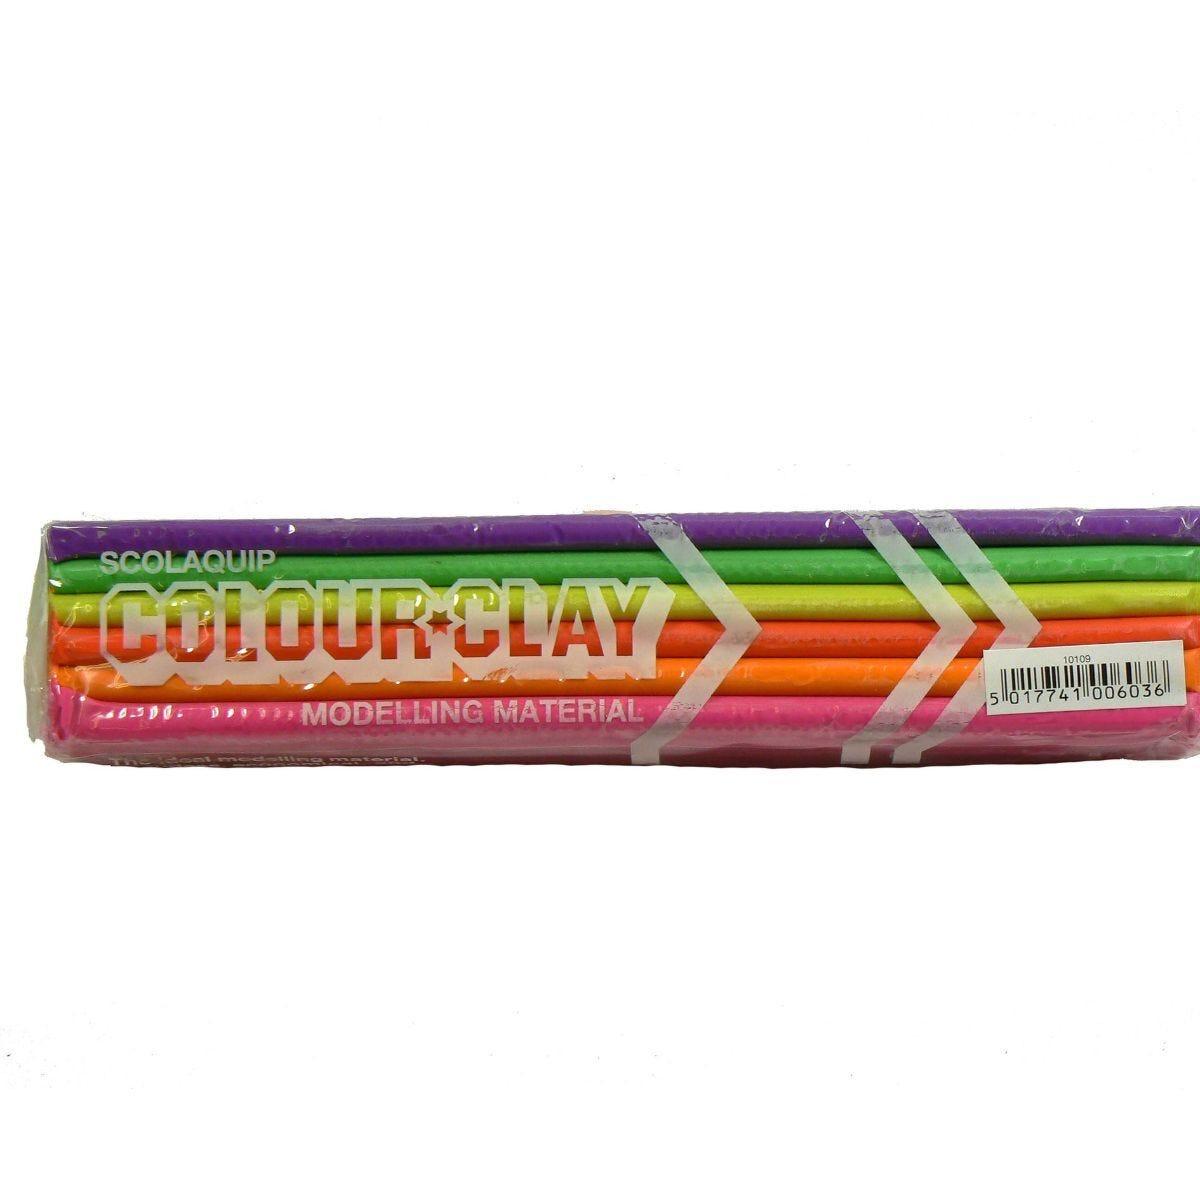 Scolaquip Colour Clay 500g Bar